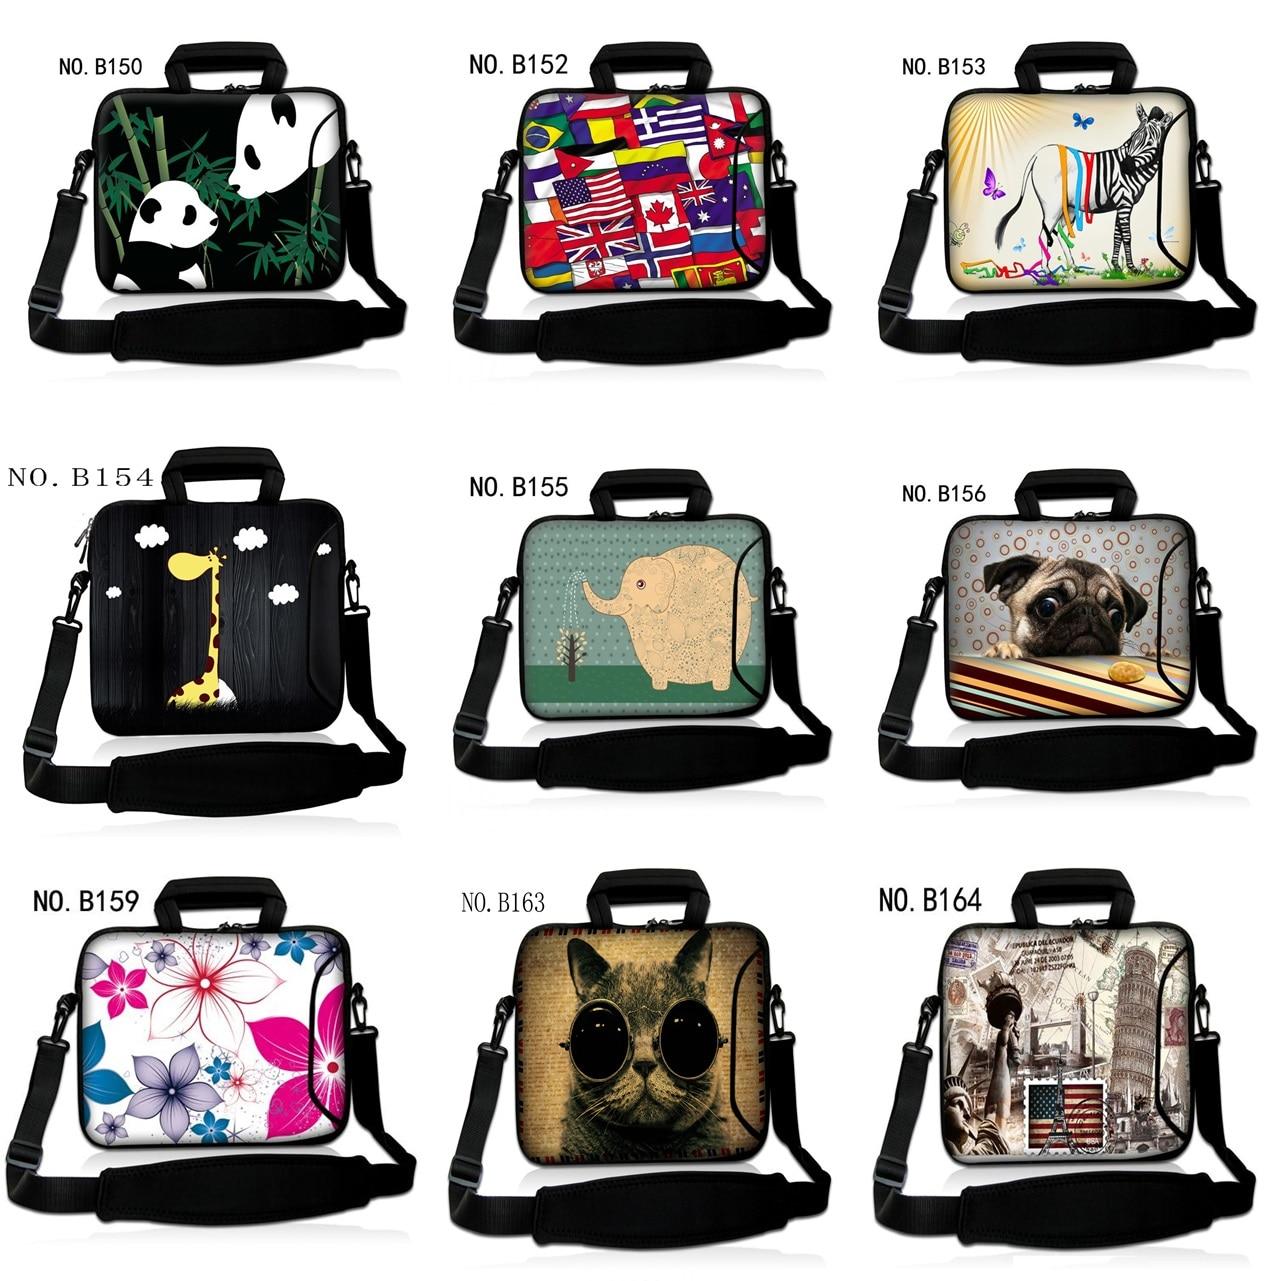 13 14 15 Inch Neoprene Soft Shockproof Laptop Notebook Tablet Bag Bags Case Messenger Shoulder Unisex for Men Women